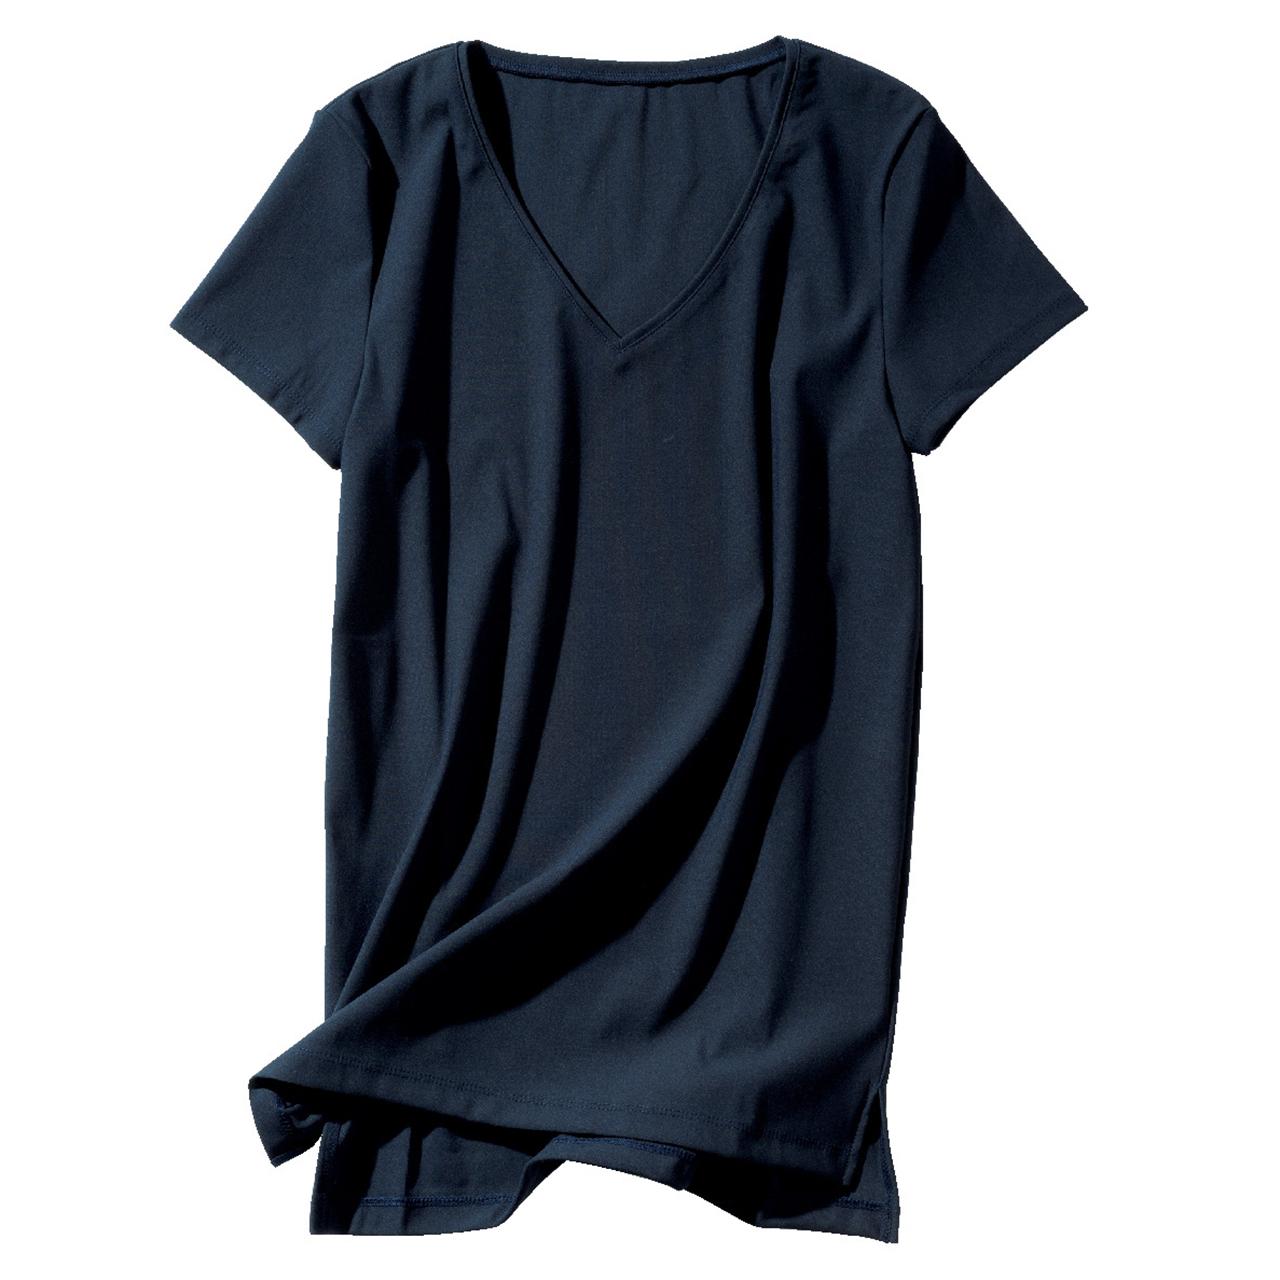 あなたの要望に応える、人気ブランドのTシャツ 五選_1_1-3